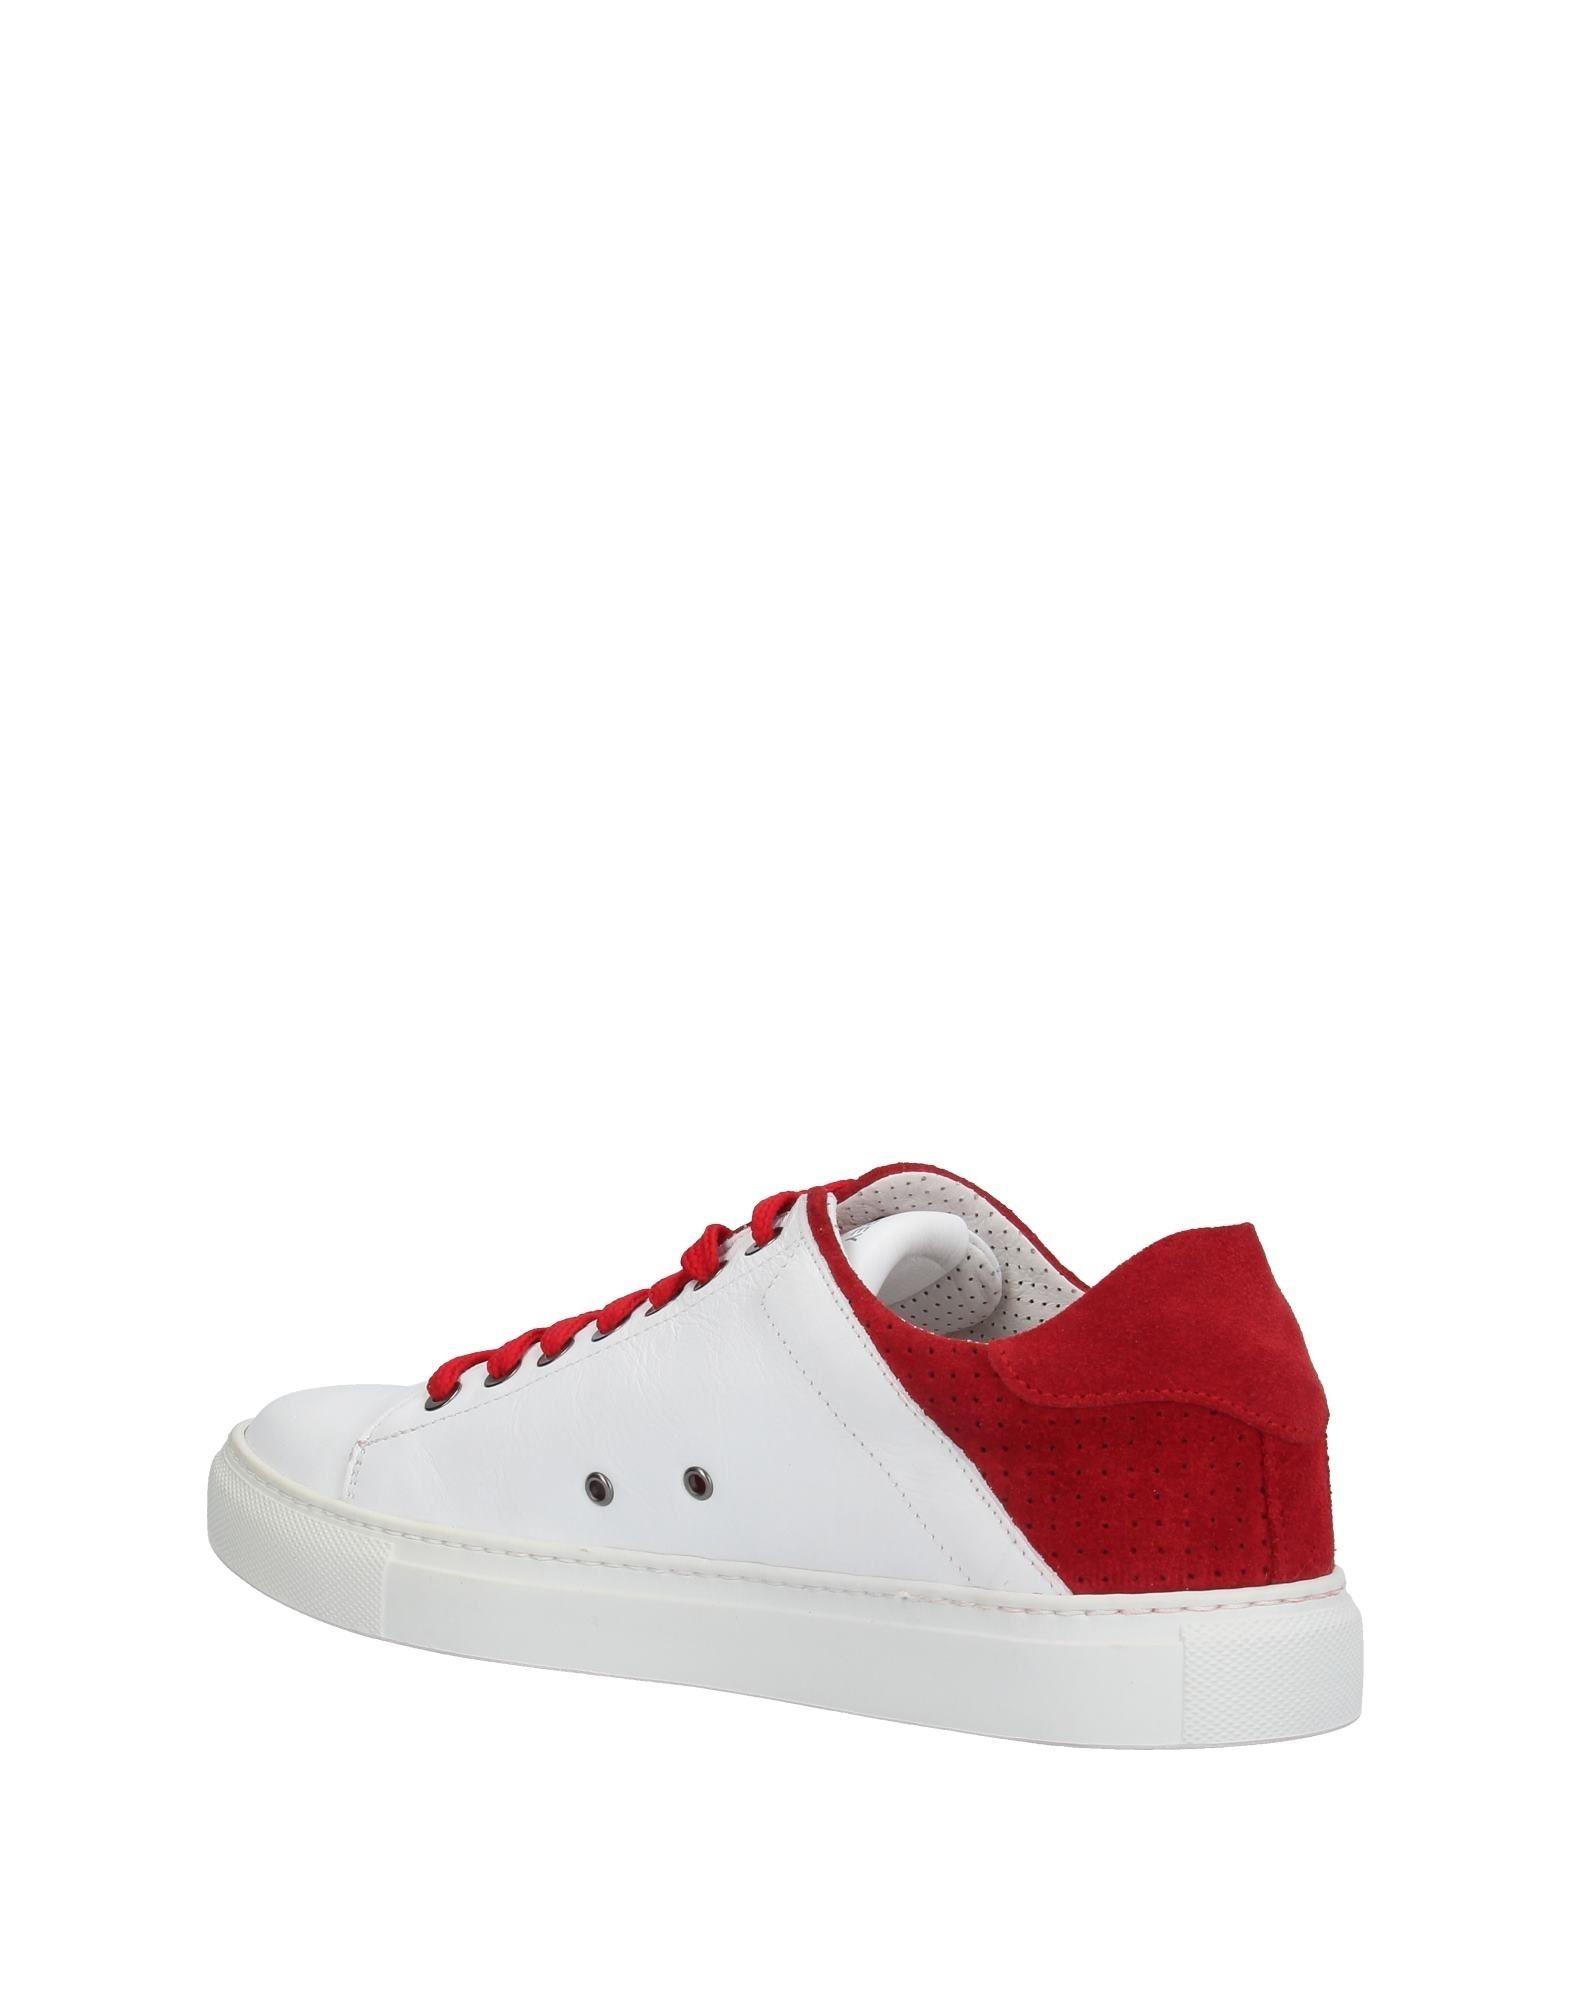 Sneakers Daniele Alessandrini Homme - Sneakers Daniele Alessandrini sur